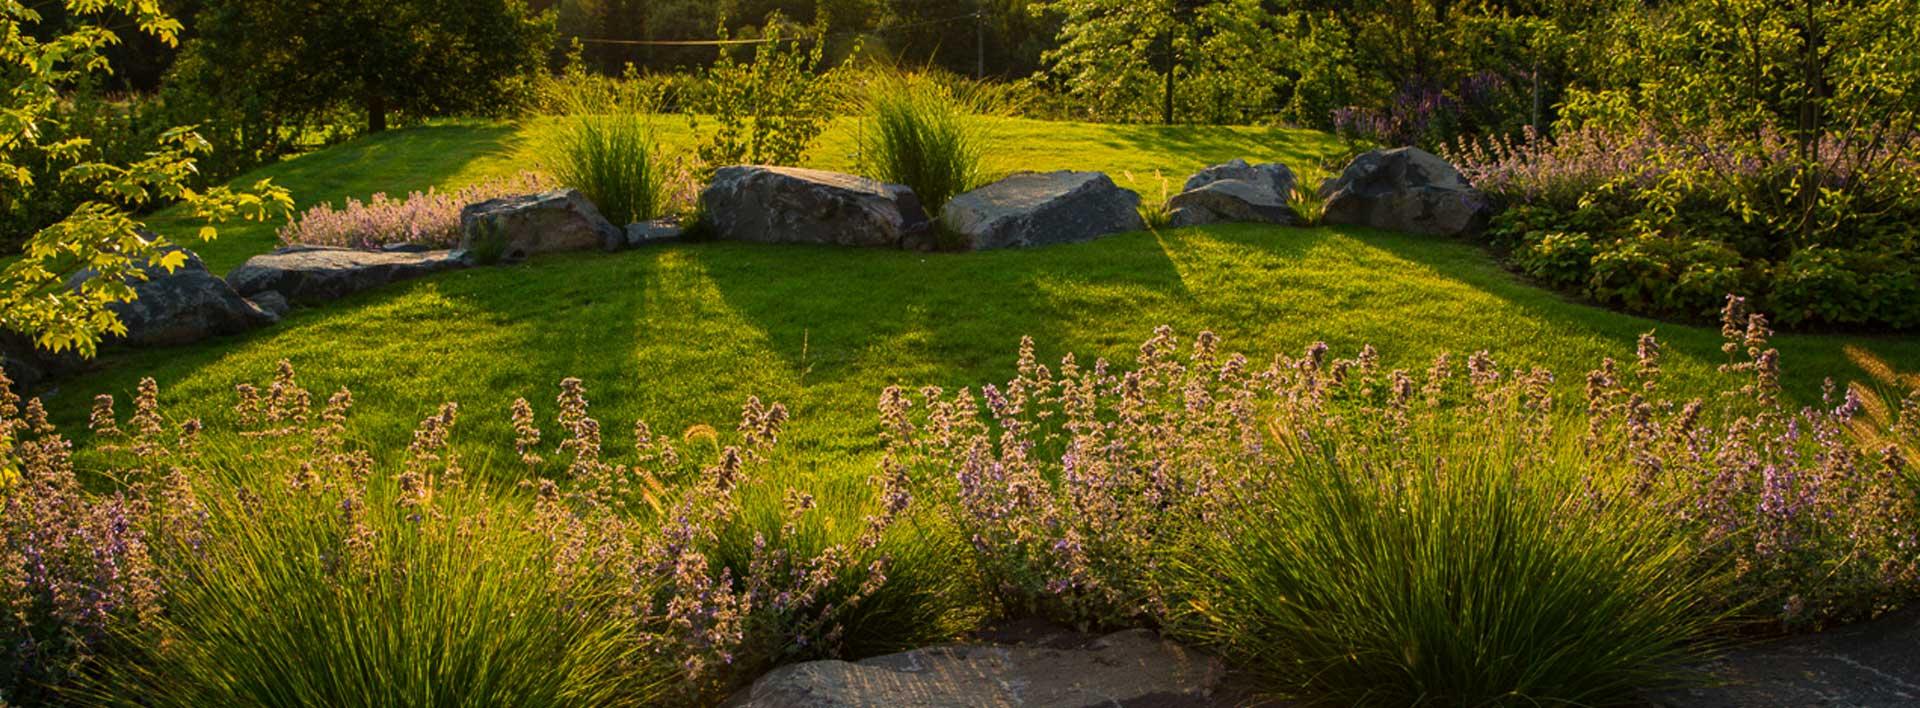 Angelegter Garten mit Stauden, Gräsern und Naturstein im Abendlicht